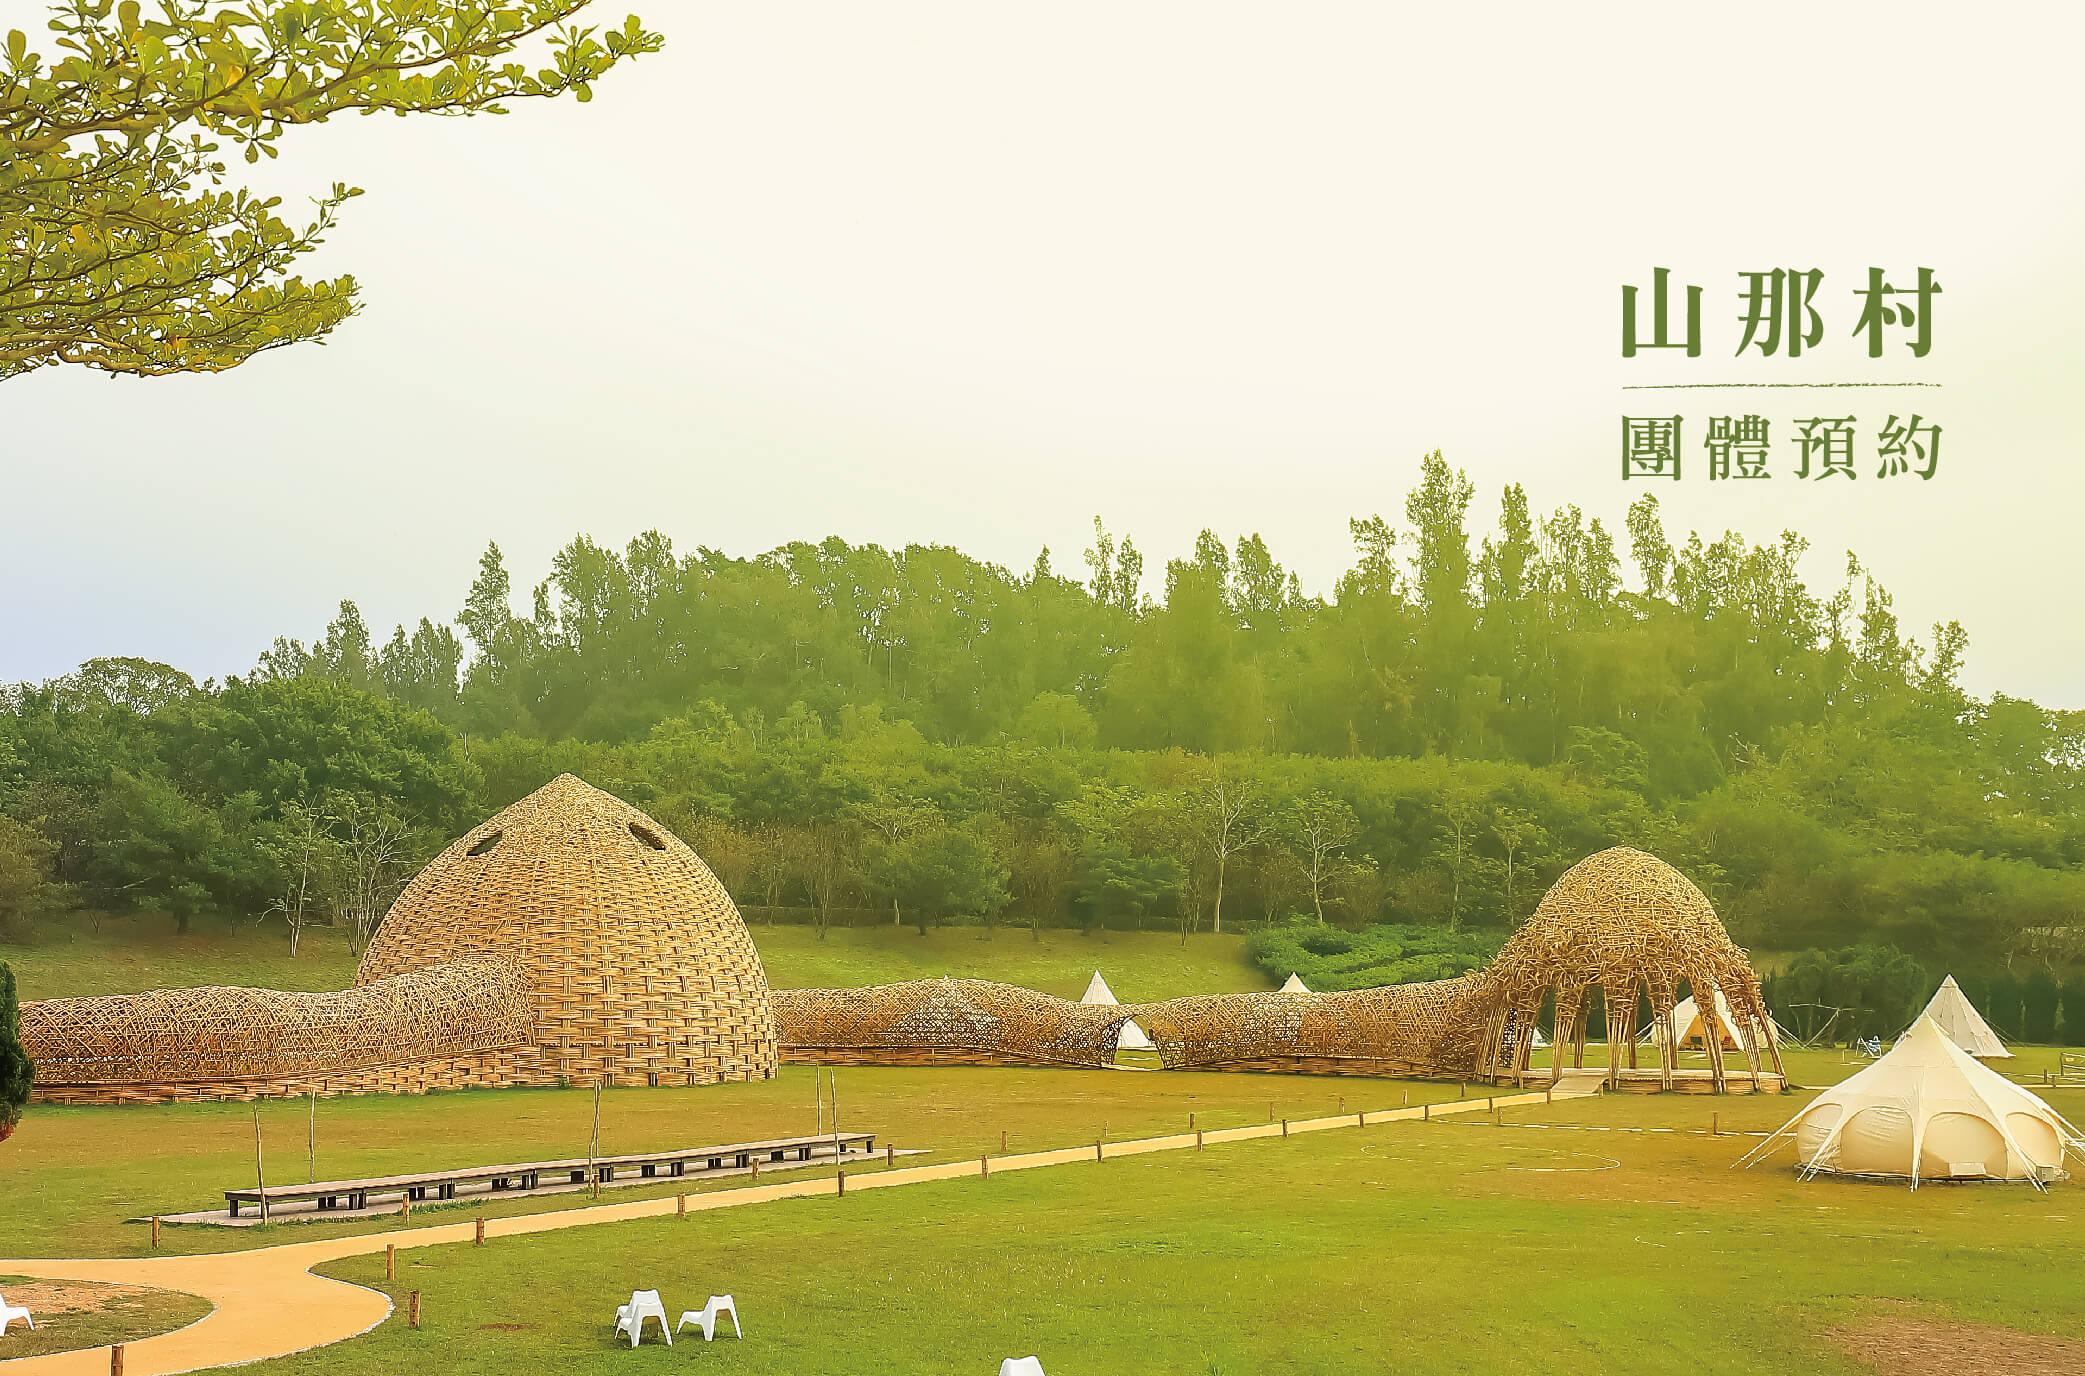 團體預約:山那村3/22(日)-3/23(一)